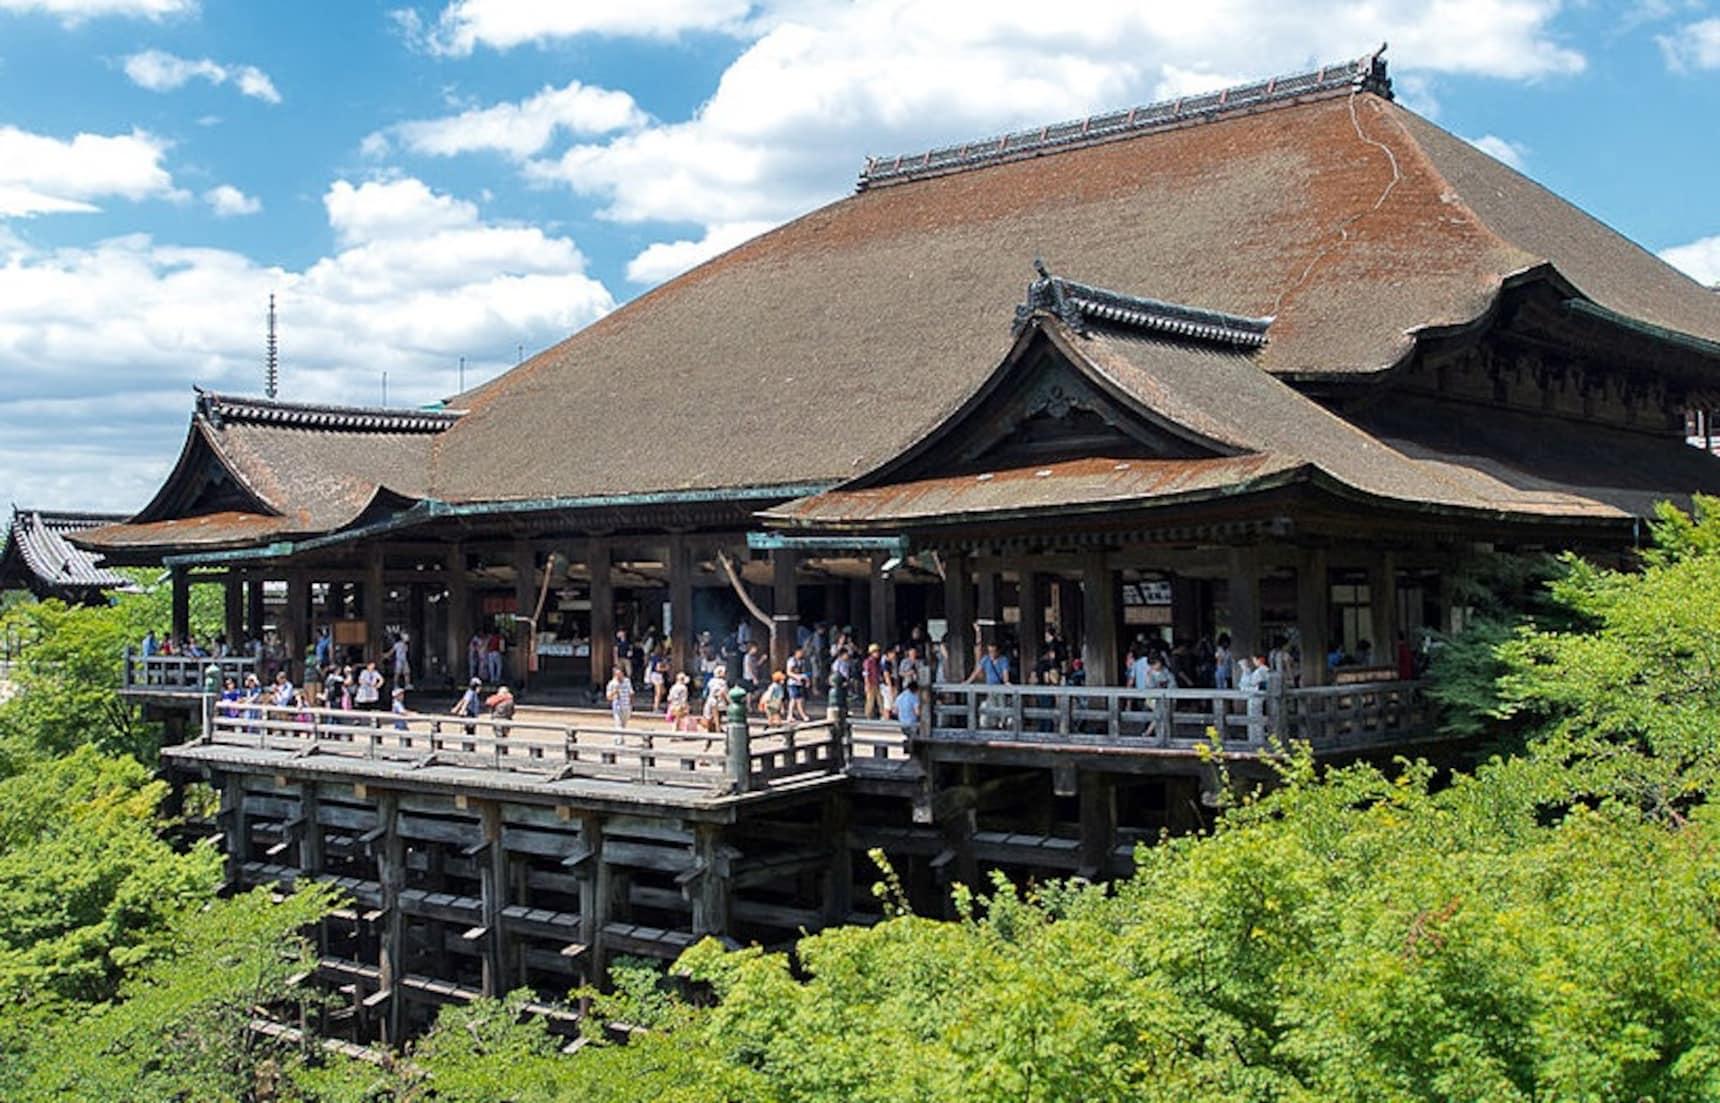 No Trees, No Kiyomizu-dera